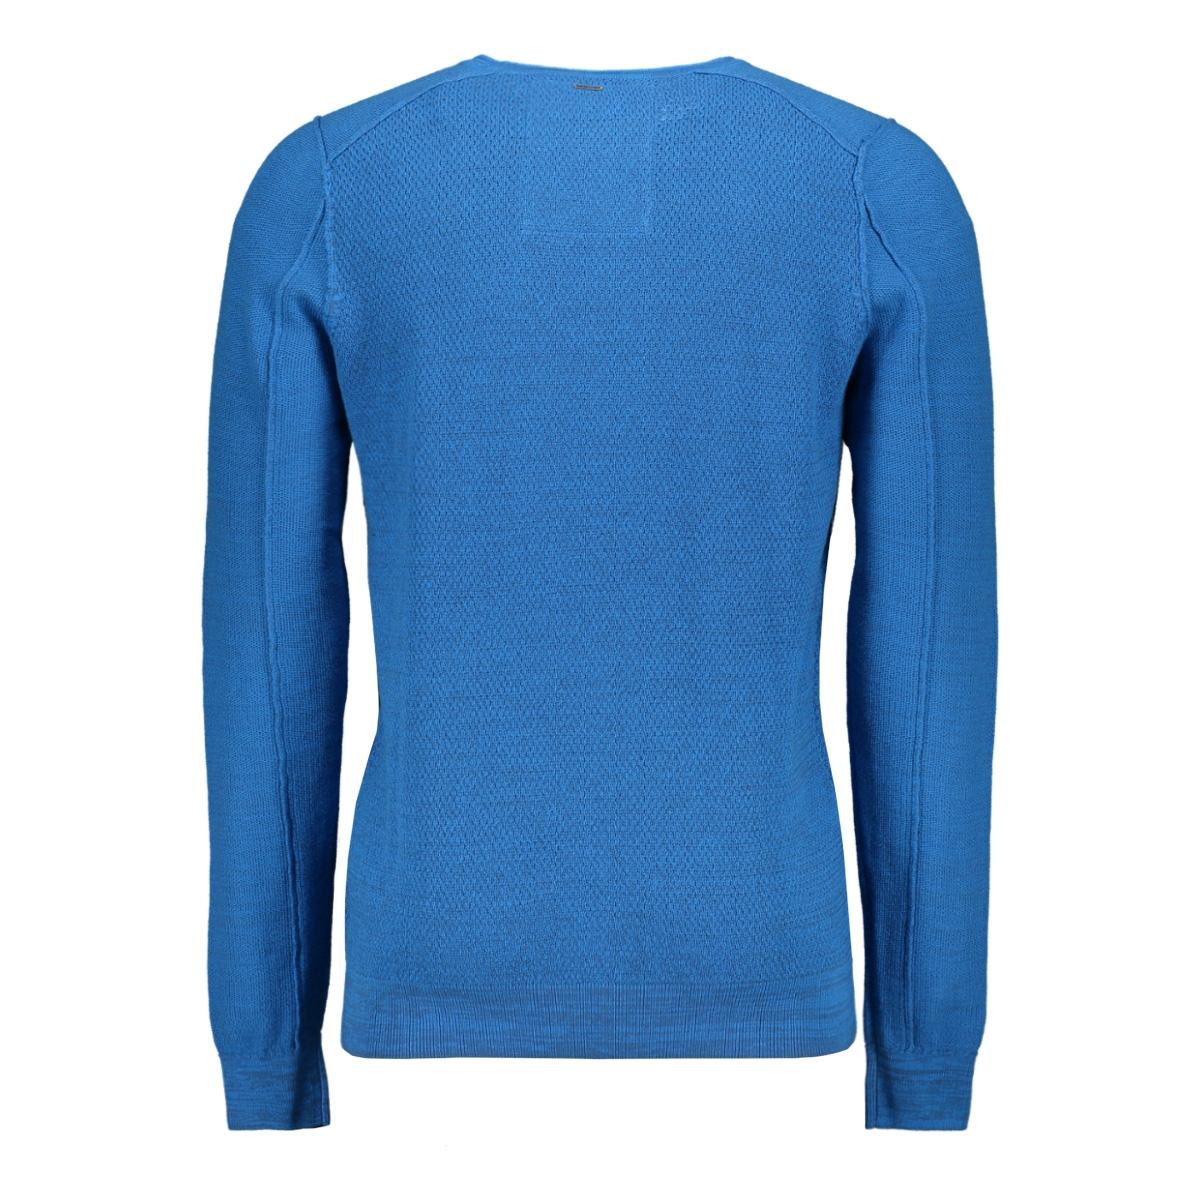 pullover pkw196380 pme legend trui 5182